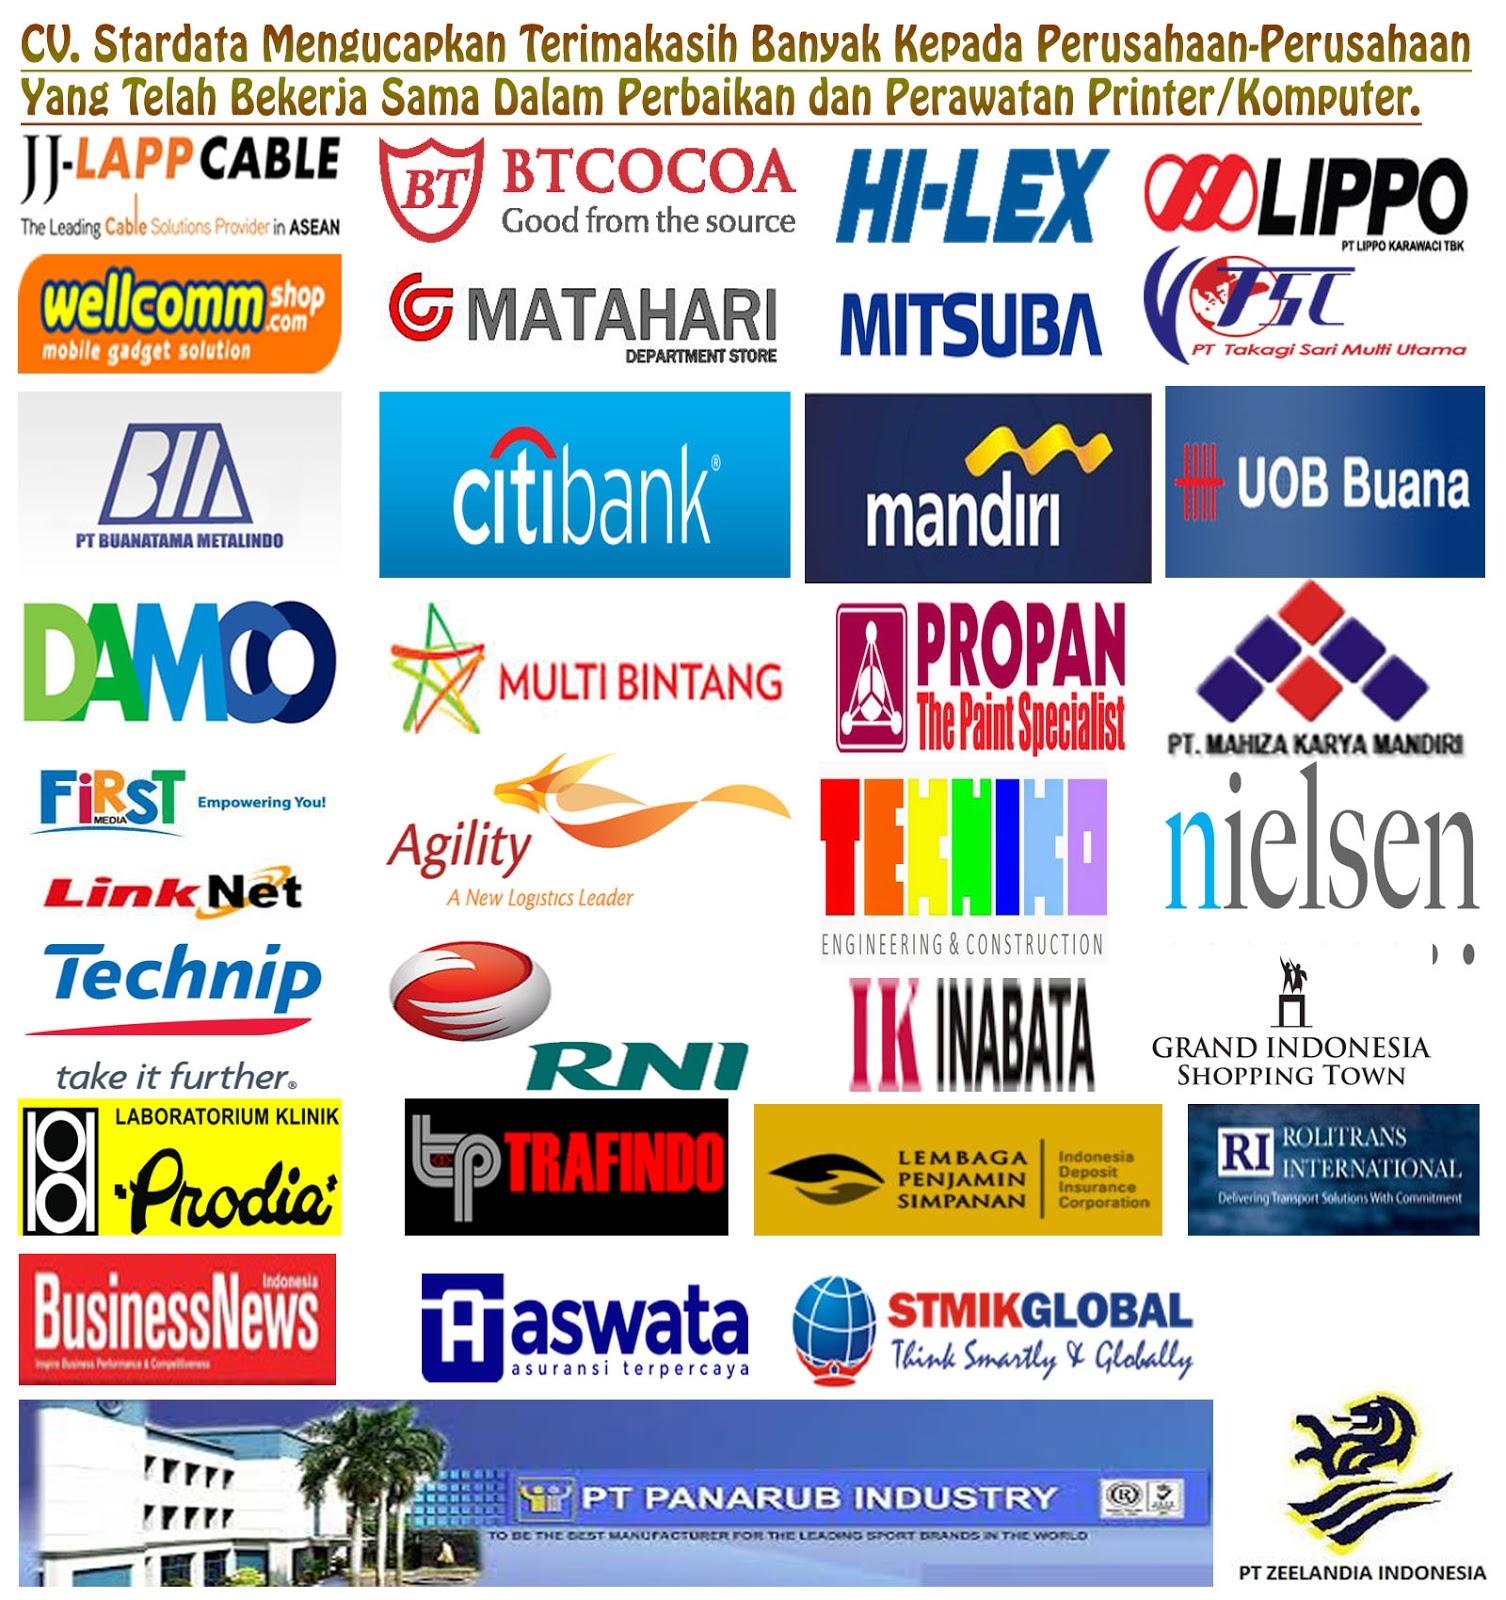 Perusahaan Perusahaan Yang Bekerja Sama Dengan Stardata